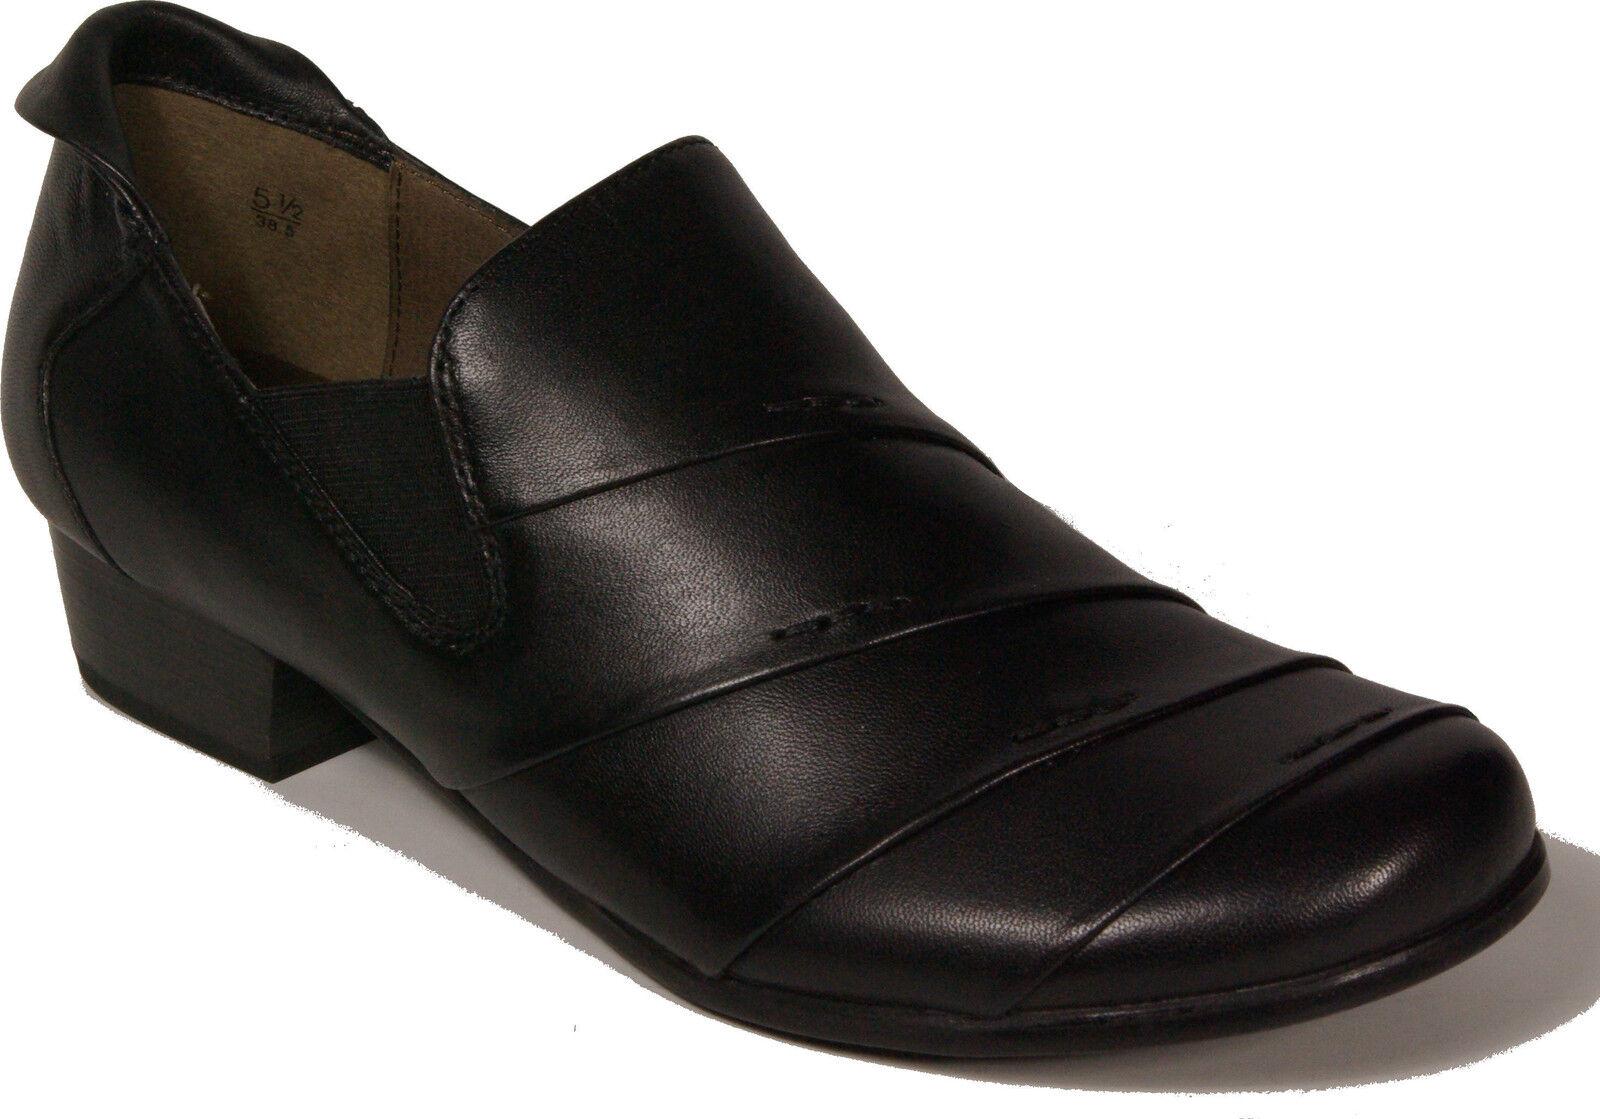 CAPRICE Schuhe Pumps Hochfront Schwarz echt Leder - - laufen auf Luft - Leder NEU c715f2